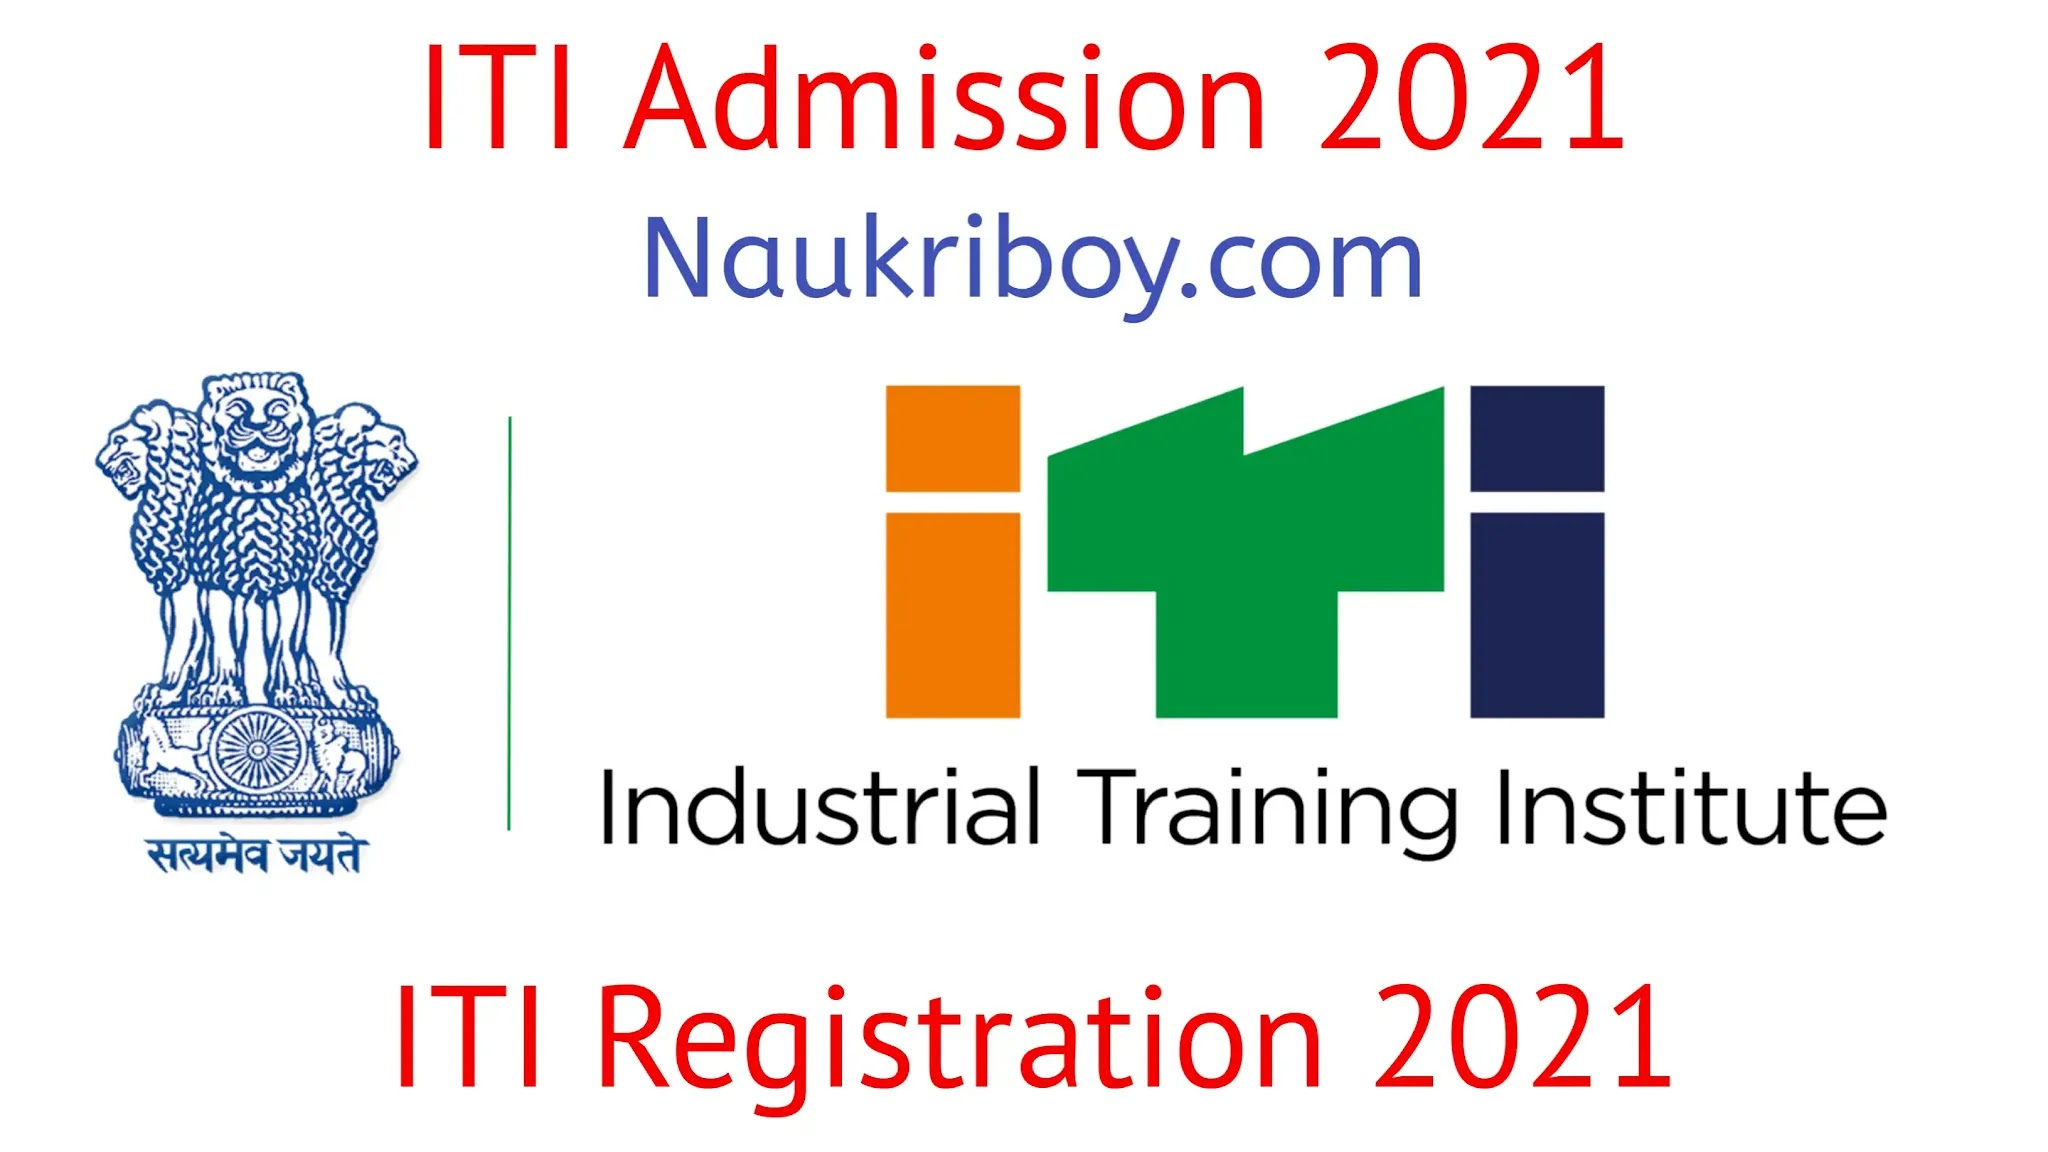 iti admission cg iti admission iti admission 2021  naukri boy.com iti registration 2021 nauiriboy.com cg iti admission 2021